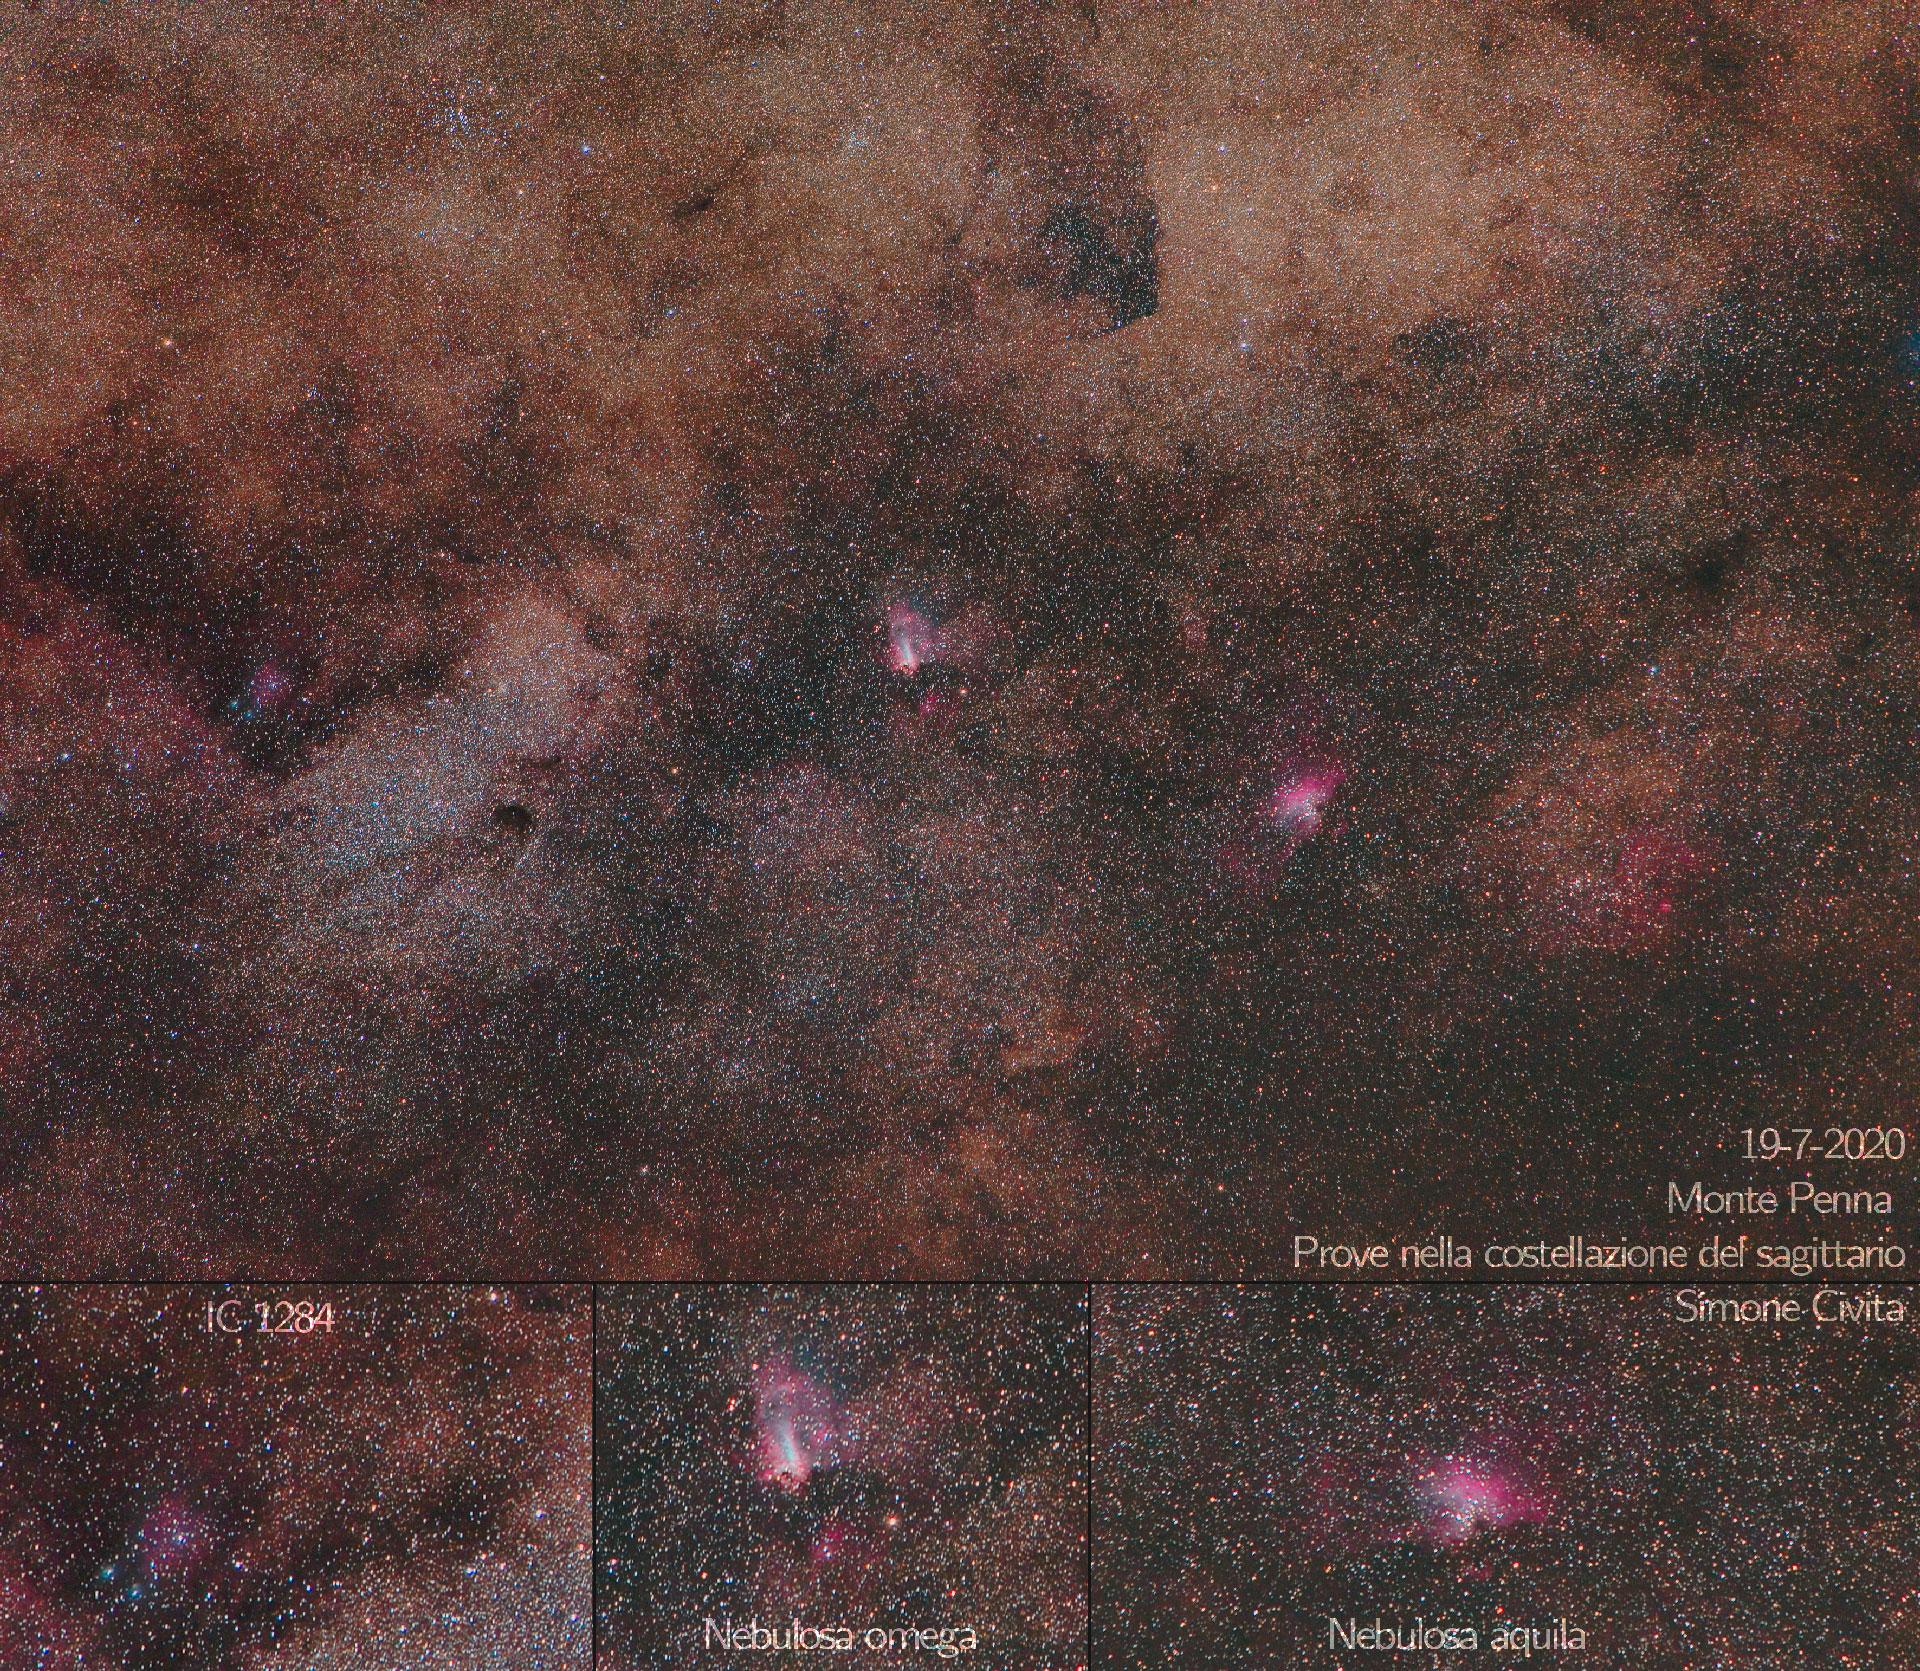 Nebulosa omega e aquila IC1284 e piccola nube del sagittario